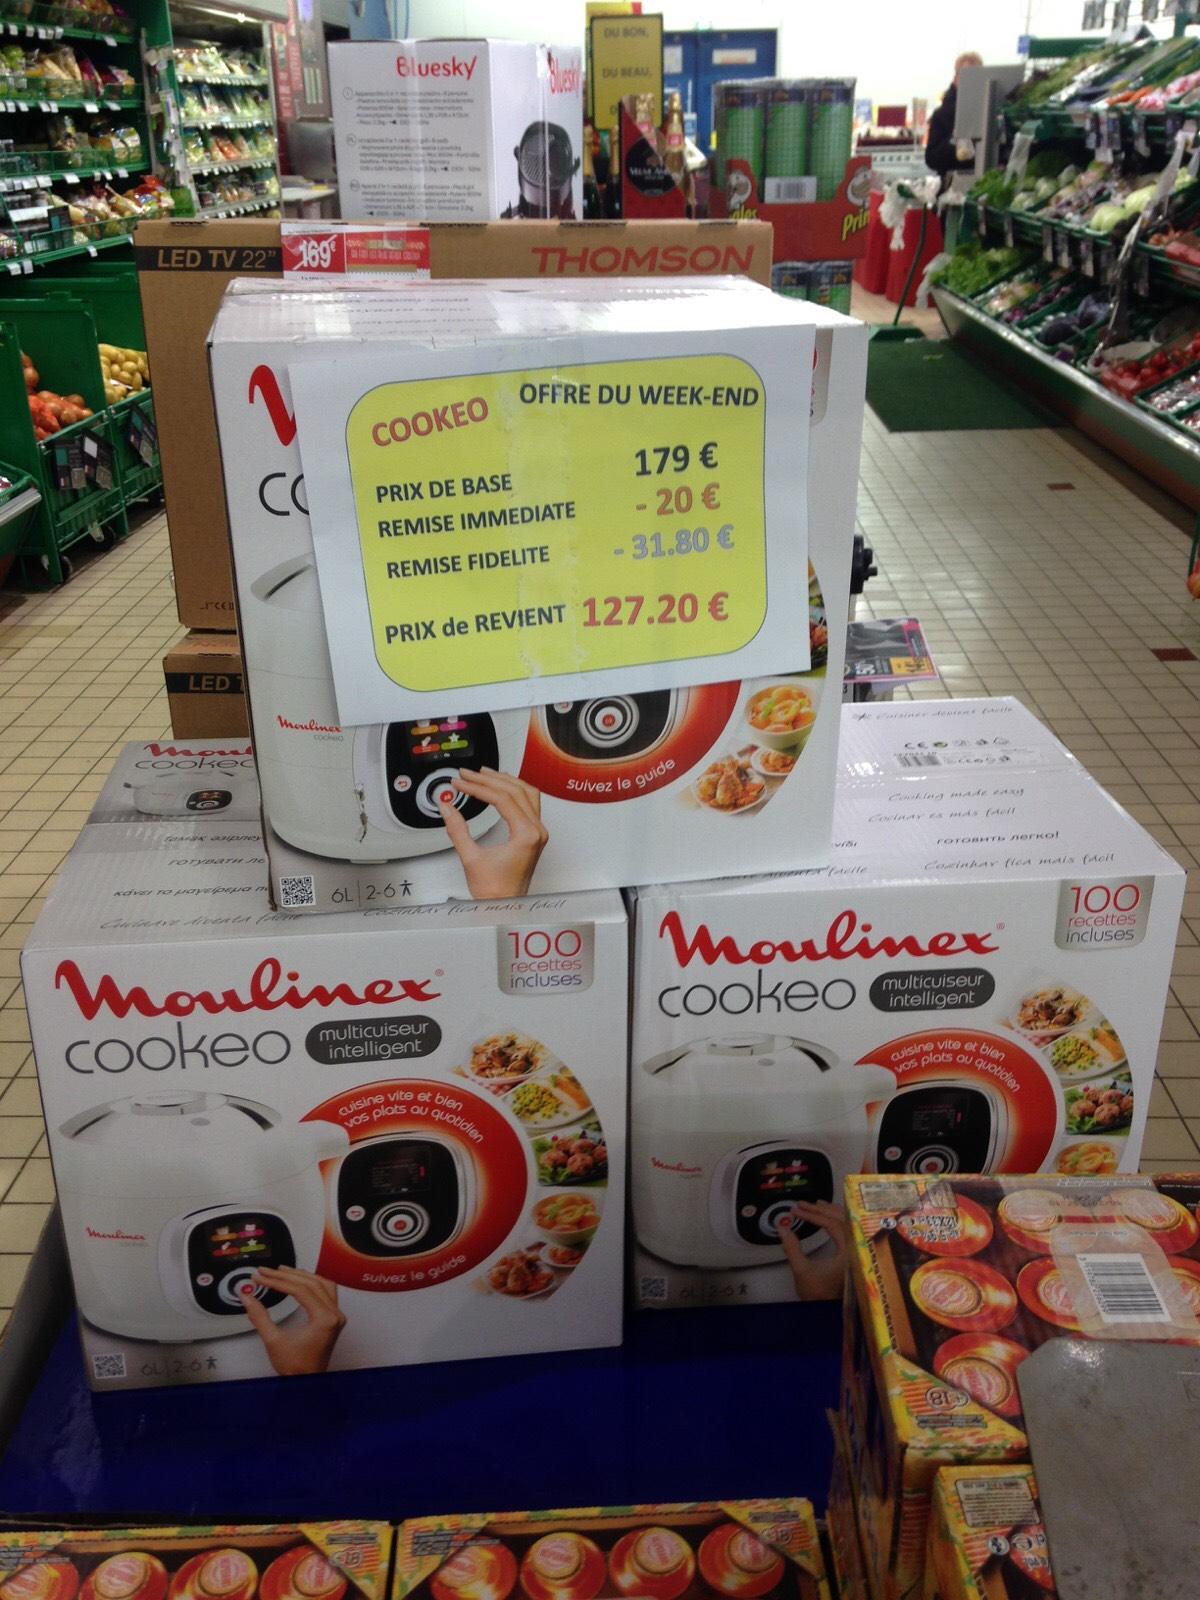 Multicuiseur Intelligent Moulinex Cookeo 100 recettes (avec 31.2€ sur la carte de fidélité)